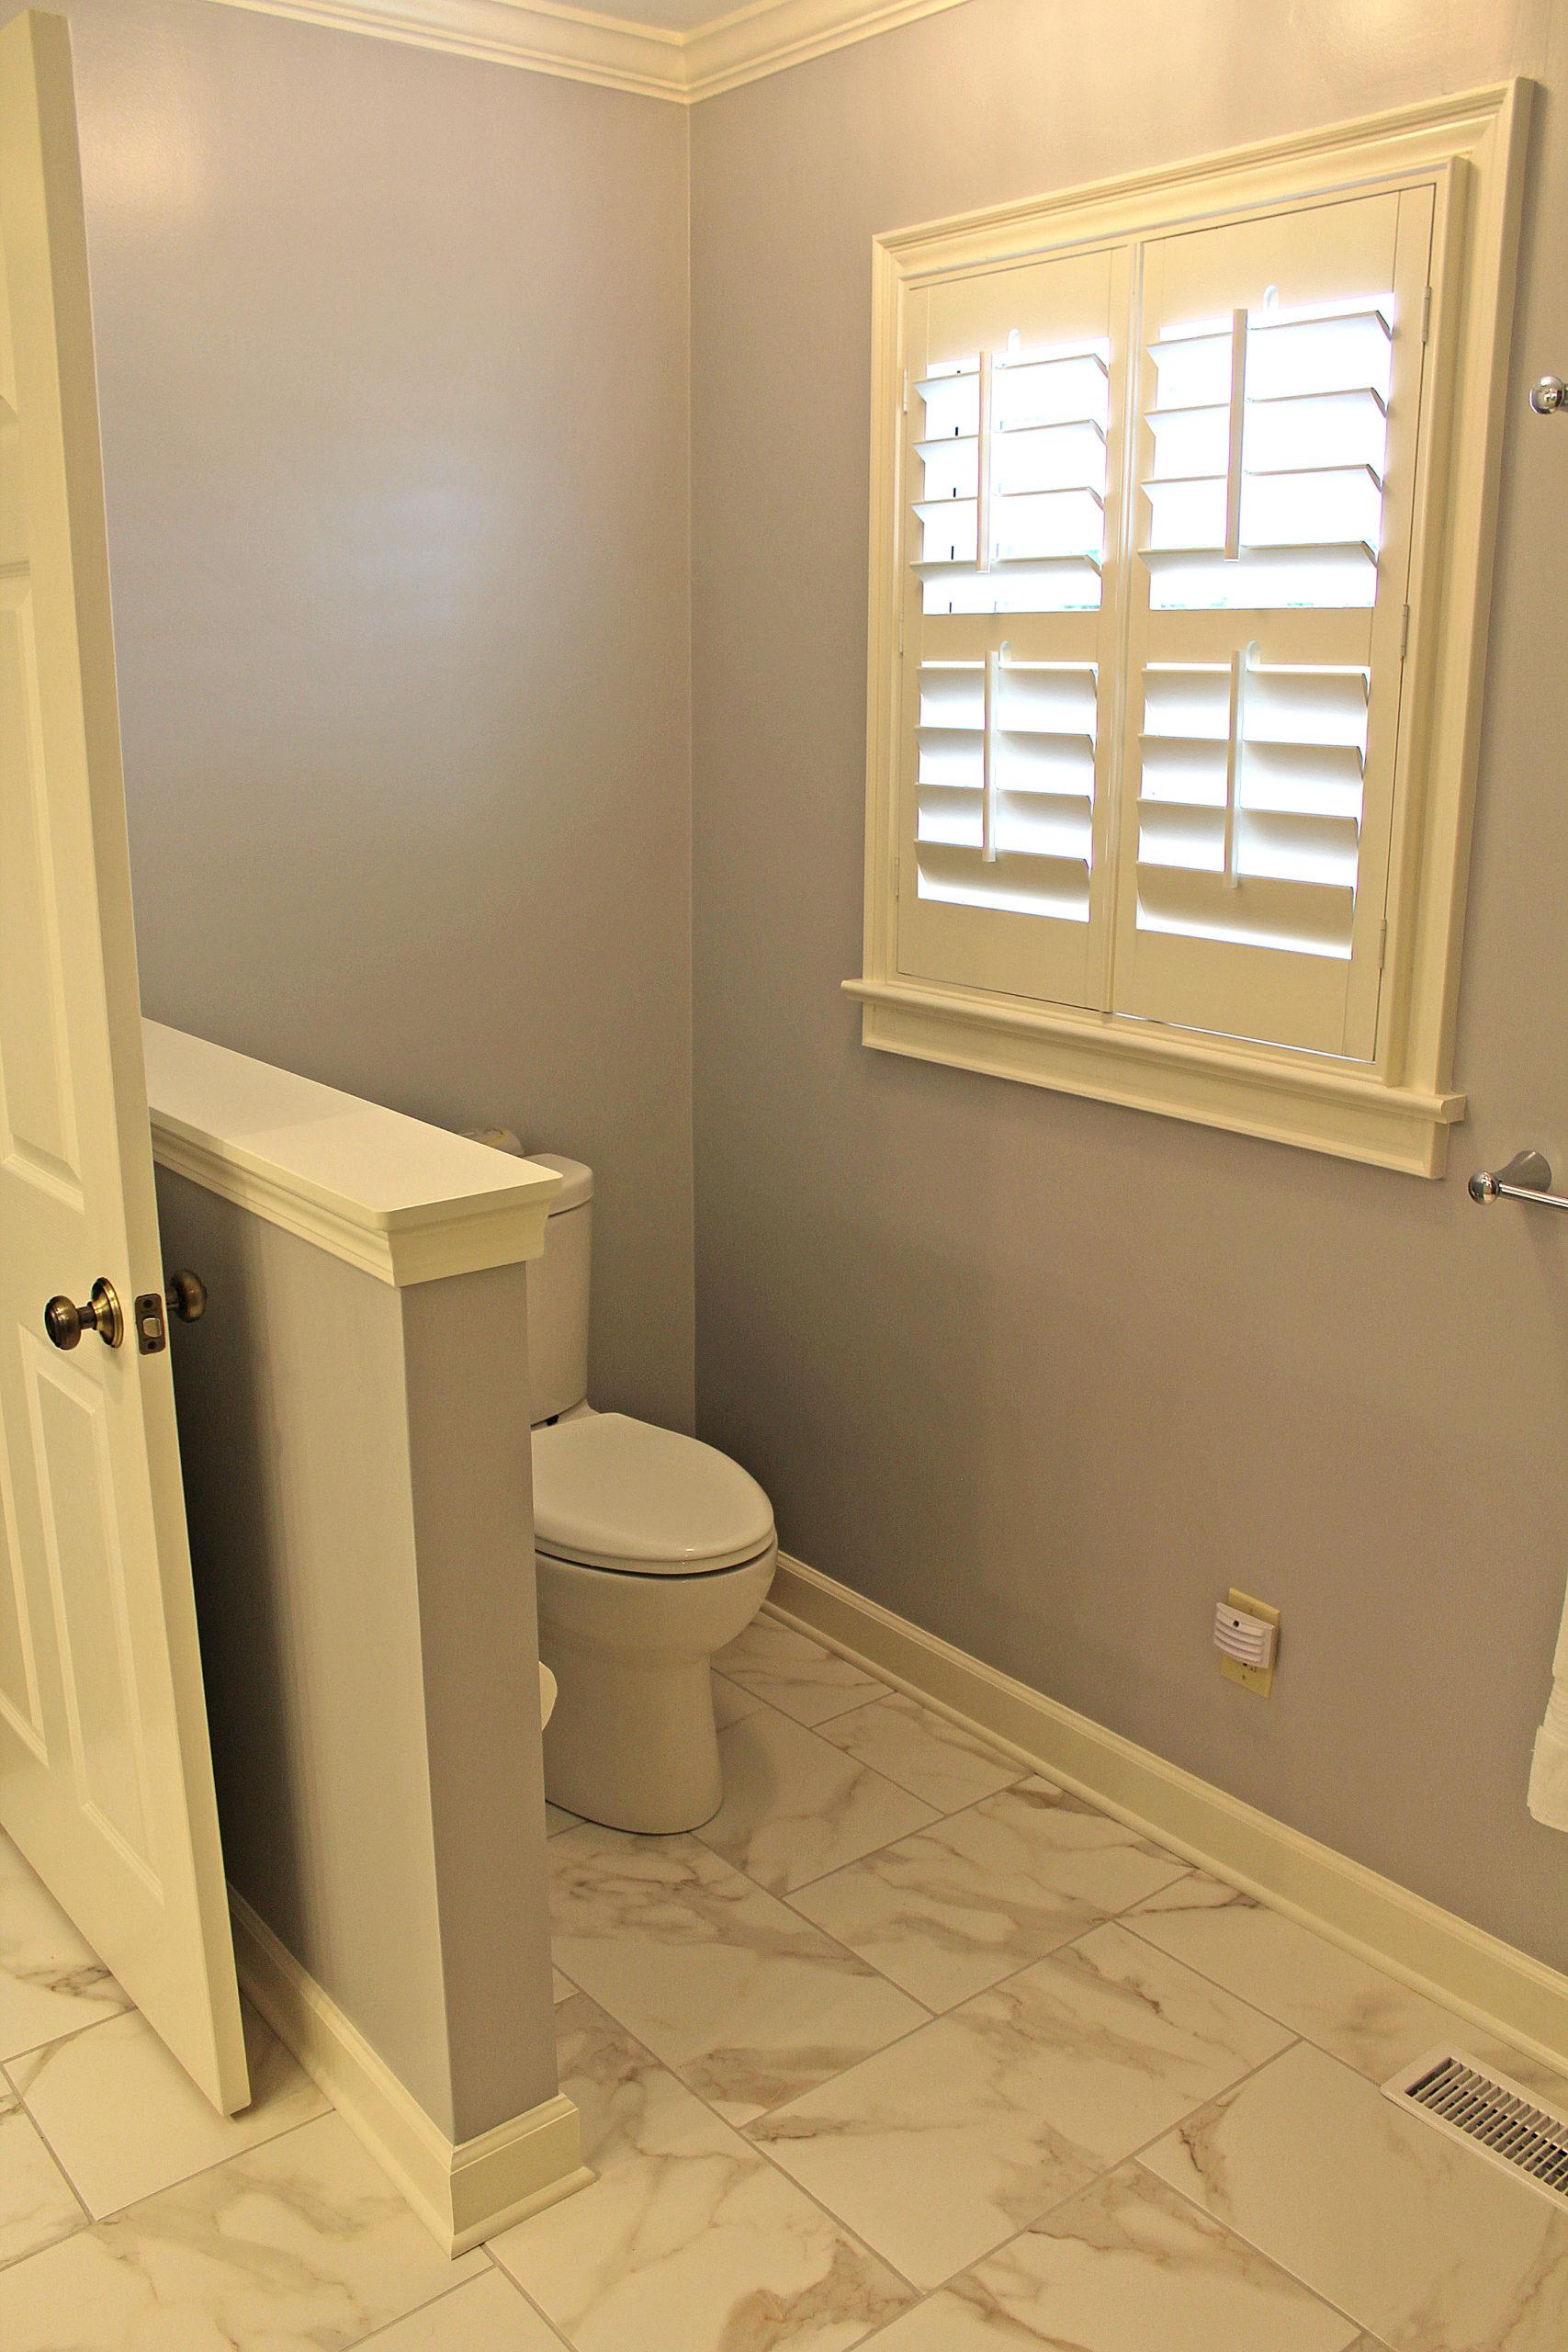 bathroom-remodeling-work-TAG-Builders-108-AD-Bathroom-Remodel-5-scaled